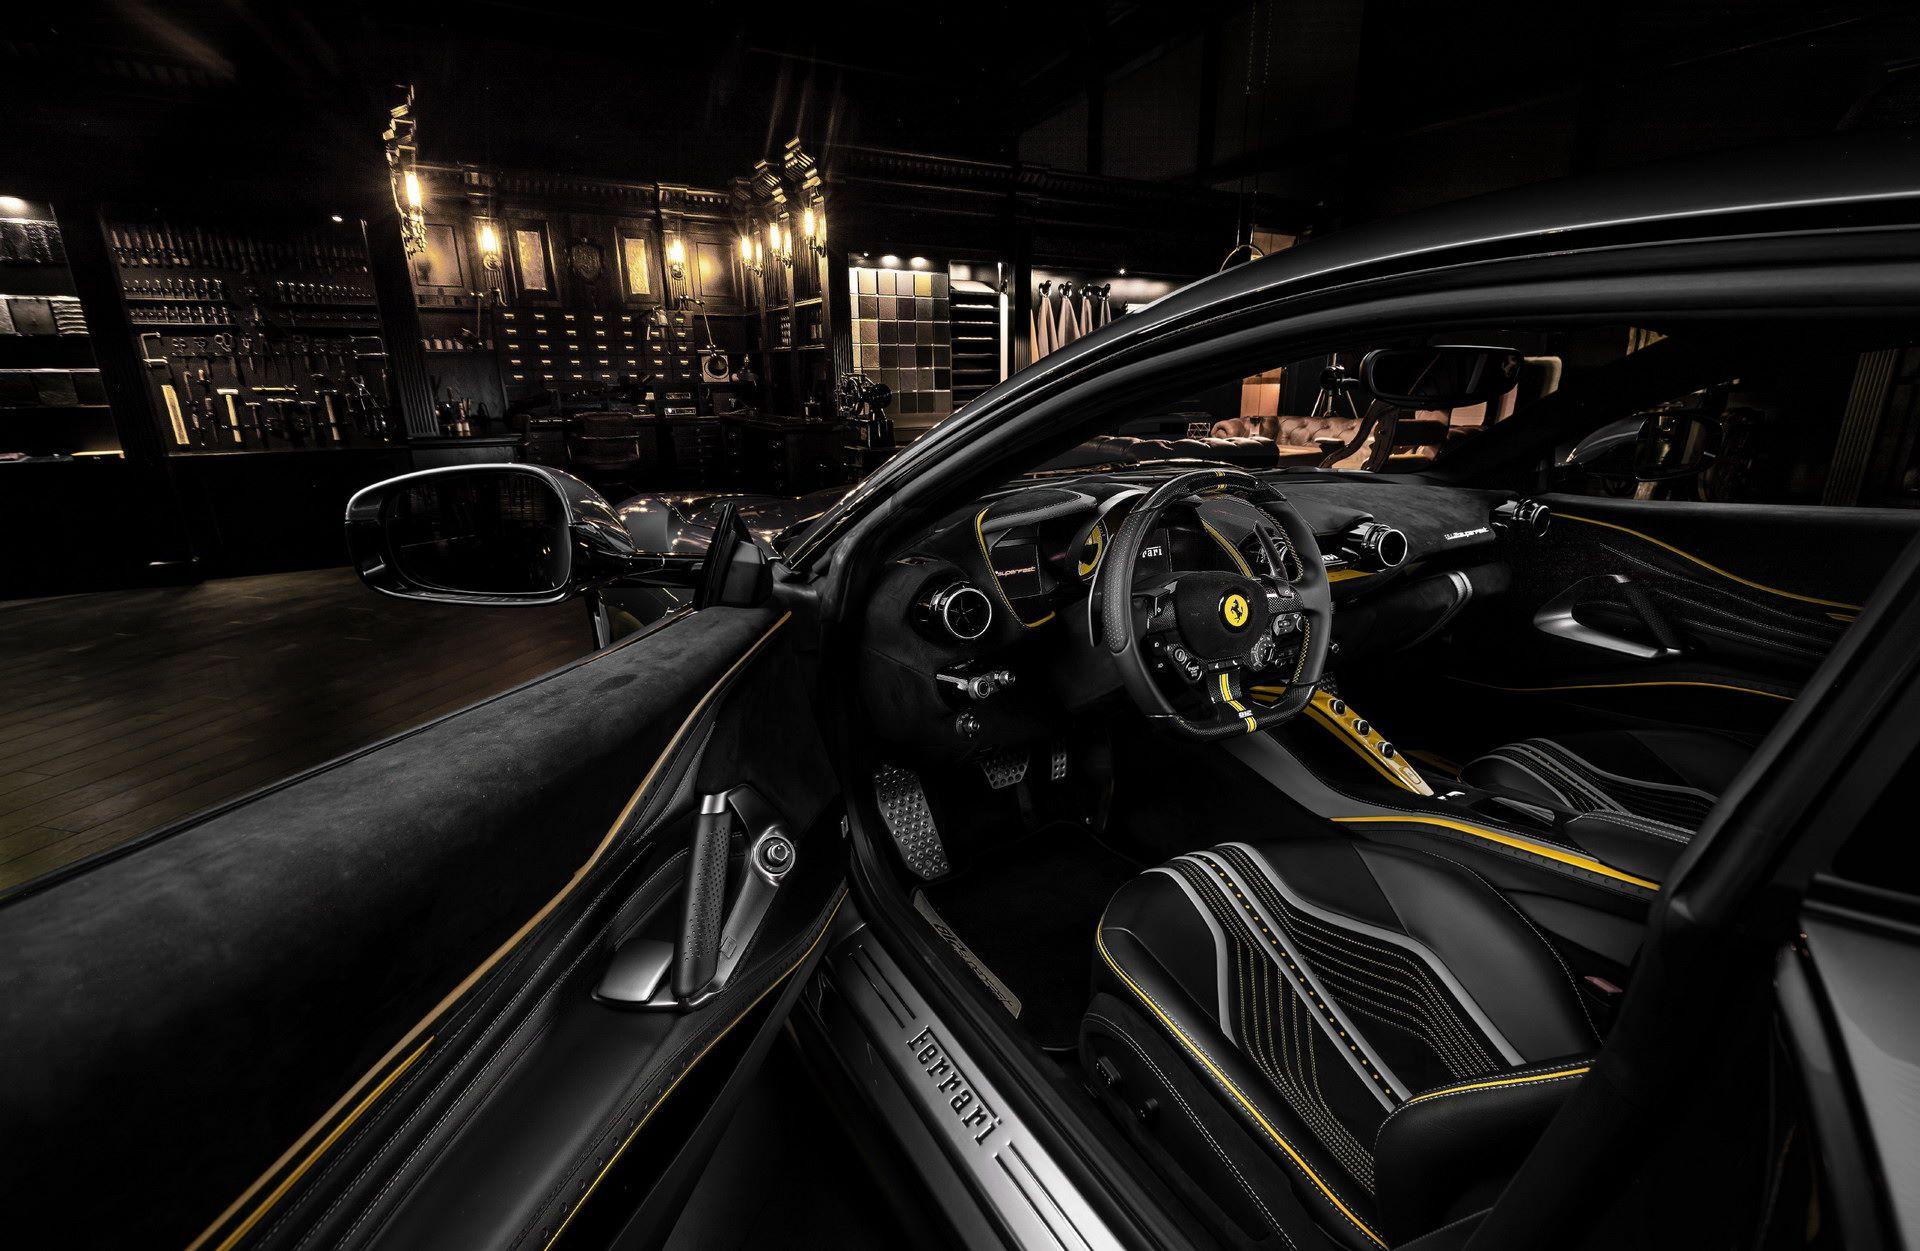 Ferrari-812-Superfast-by-Carlex-Design-5